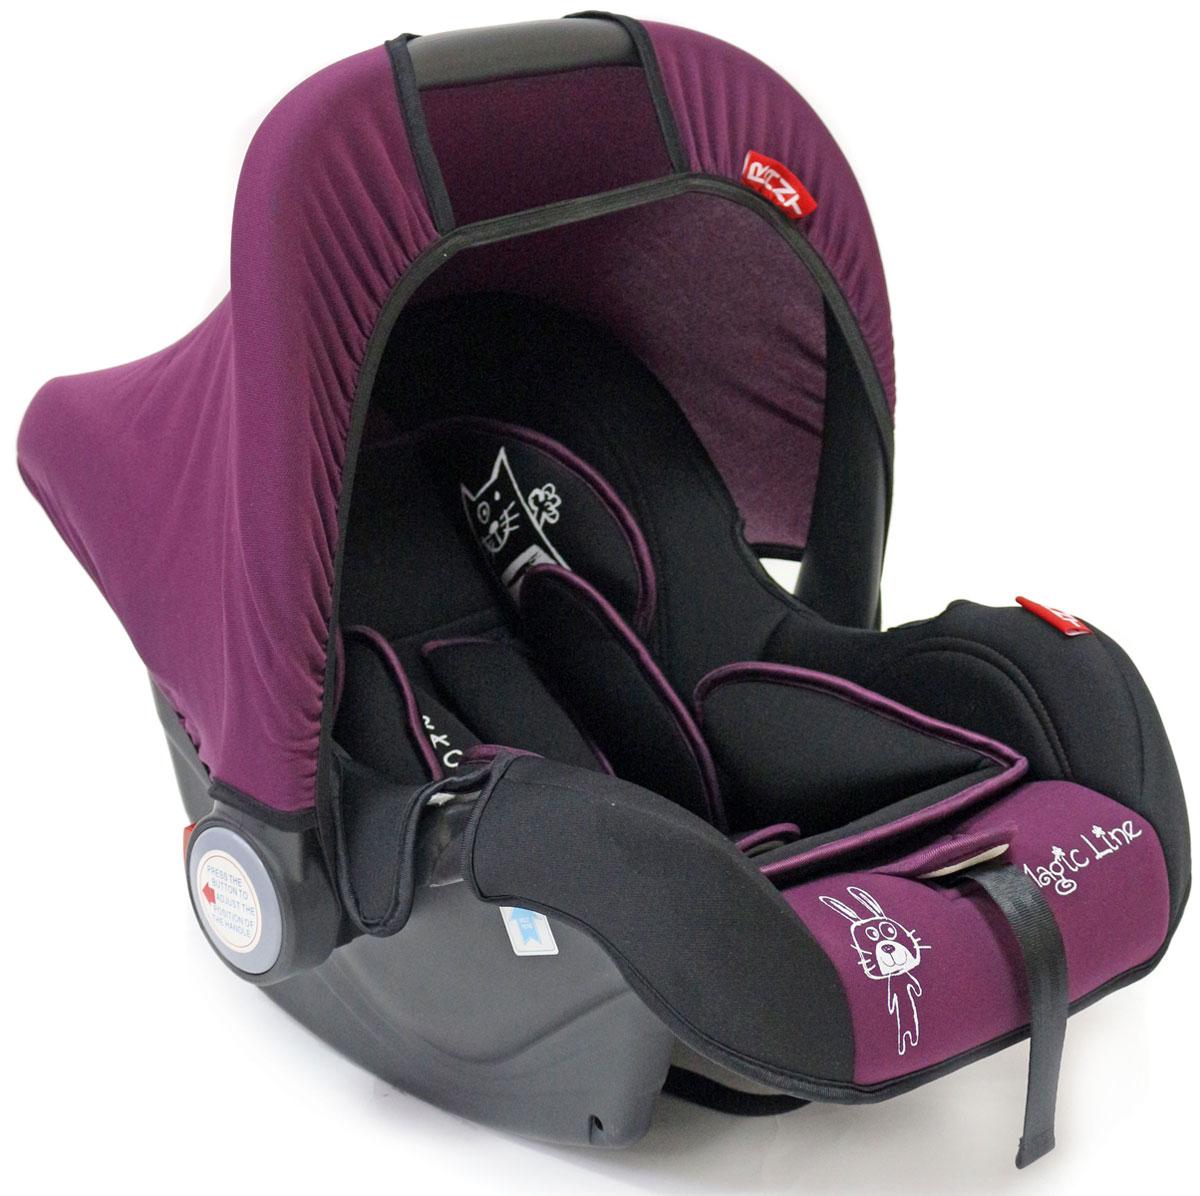 Rant Автокресло Miracle цвет фиолетовый до 13 кг rant подушка вкладыш анатомическая в автокресло люльку